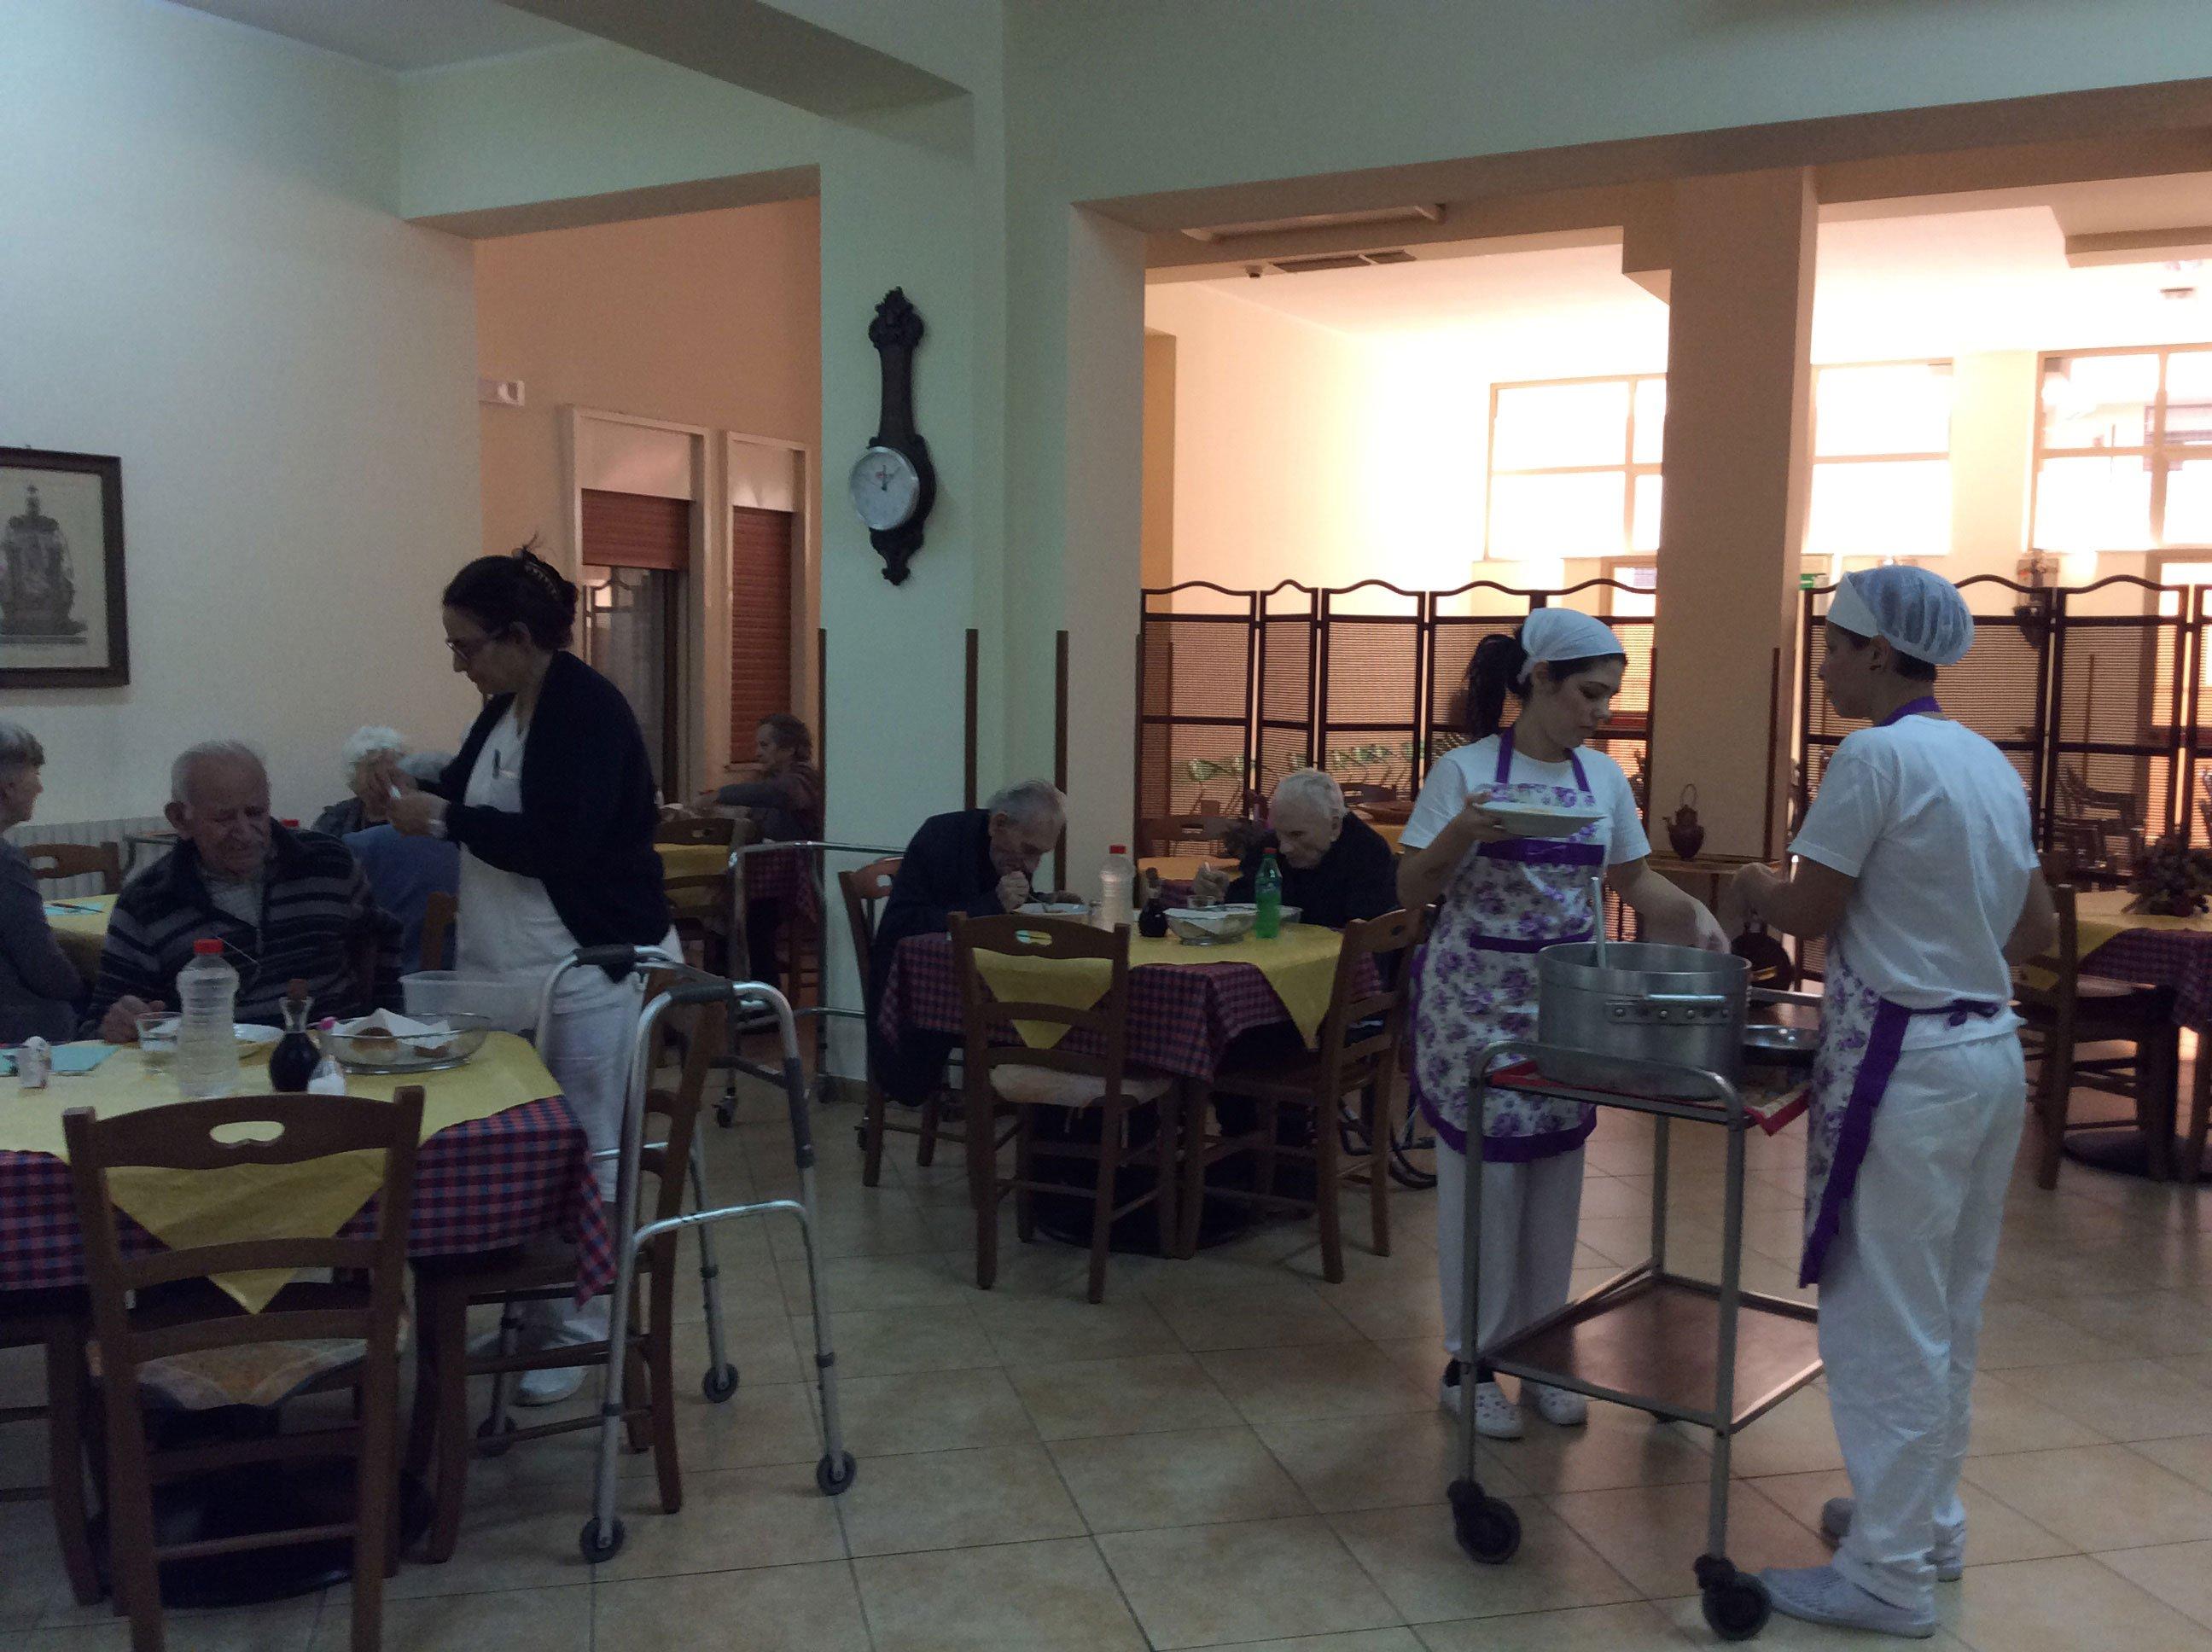 Persone seduti all'interno della mensa della casa di riposo e due camerieri con grembiule di color bianco e viola al carrello con pentole